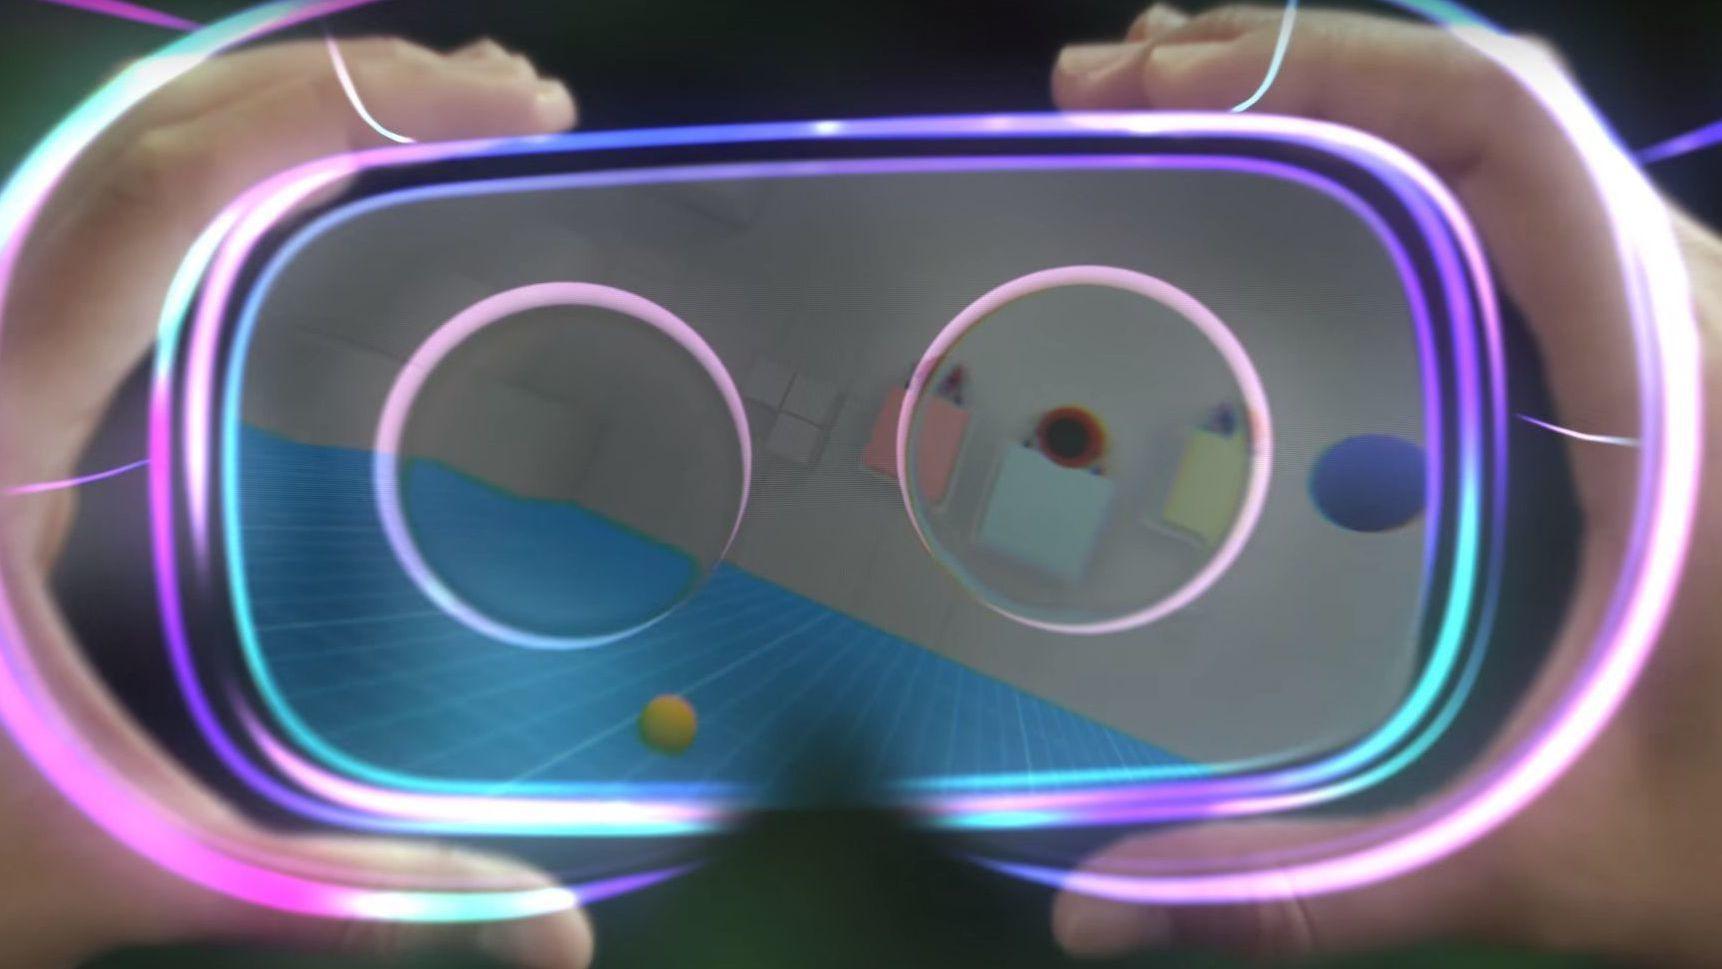 Snart skal Google lansere VR-briller som ikke krever mobil eller PC